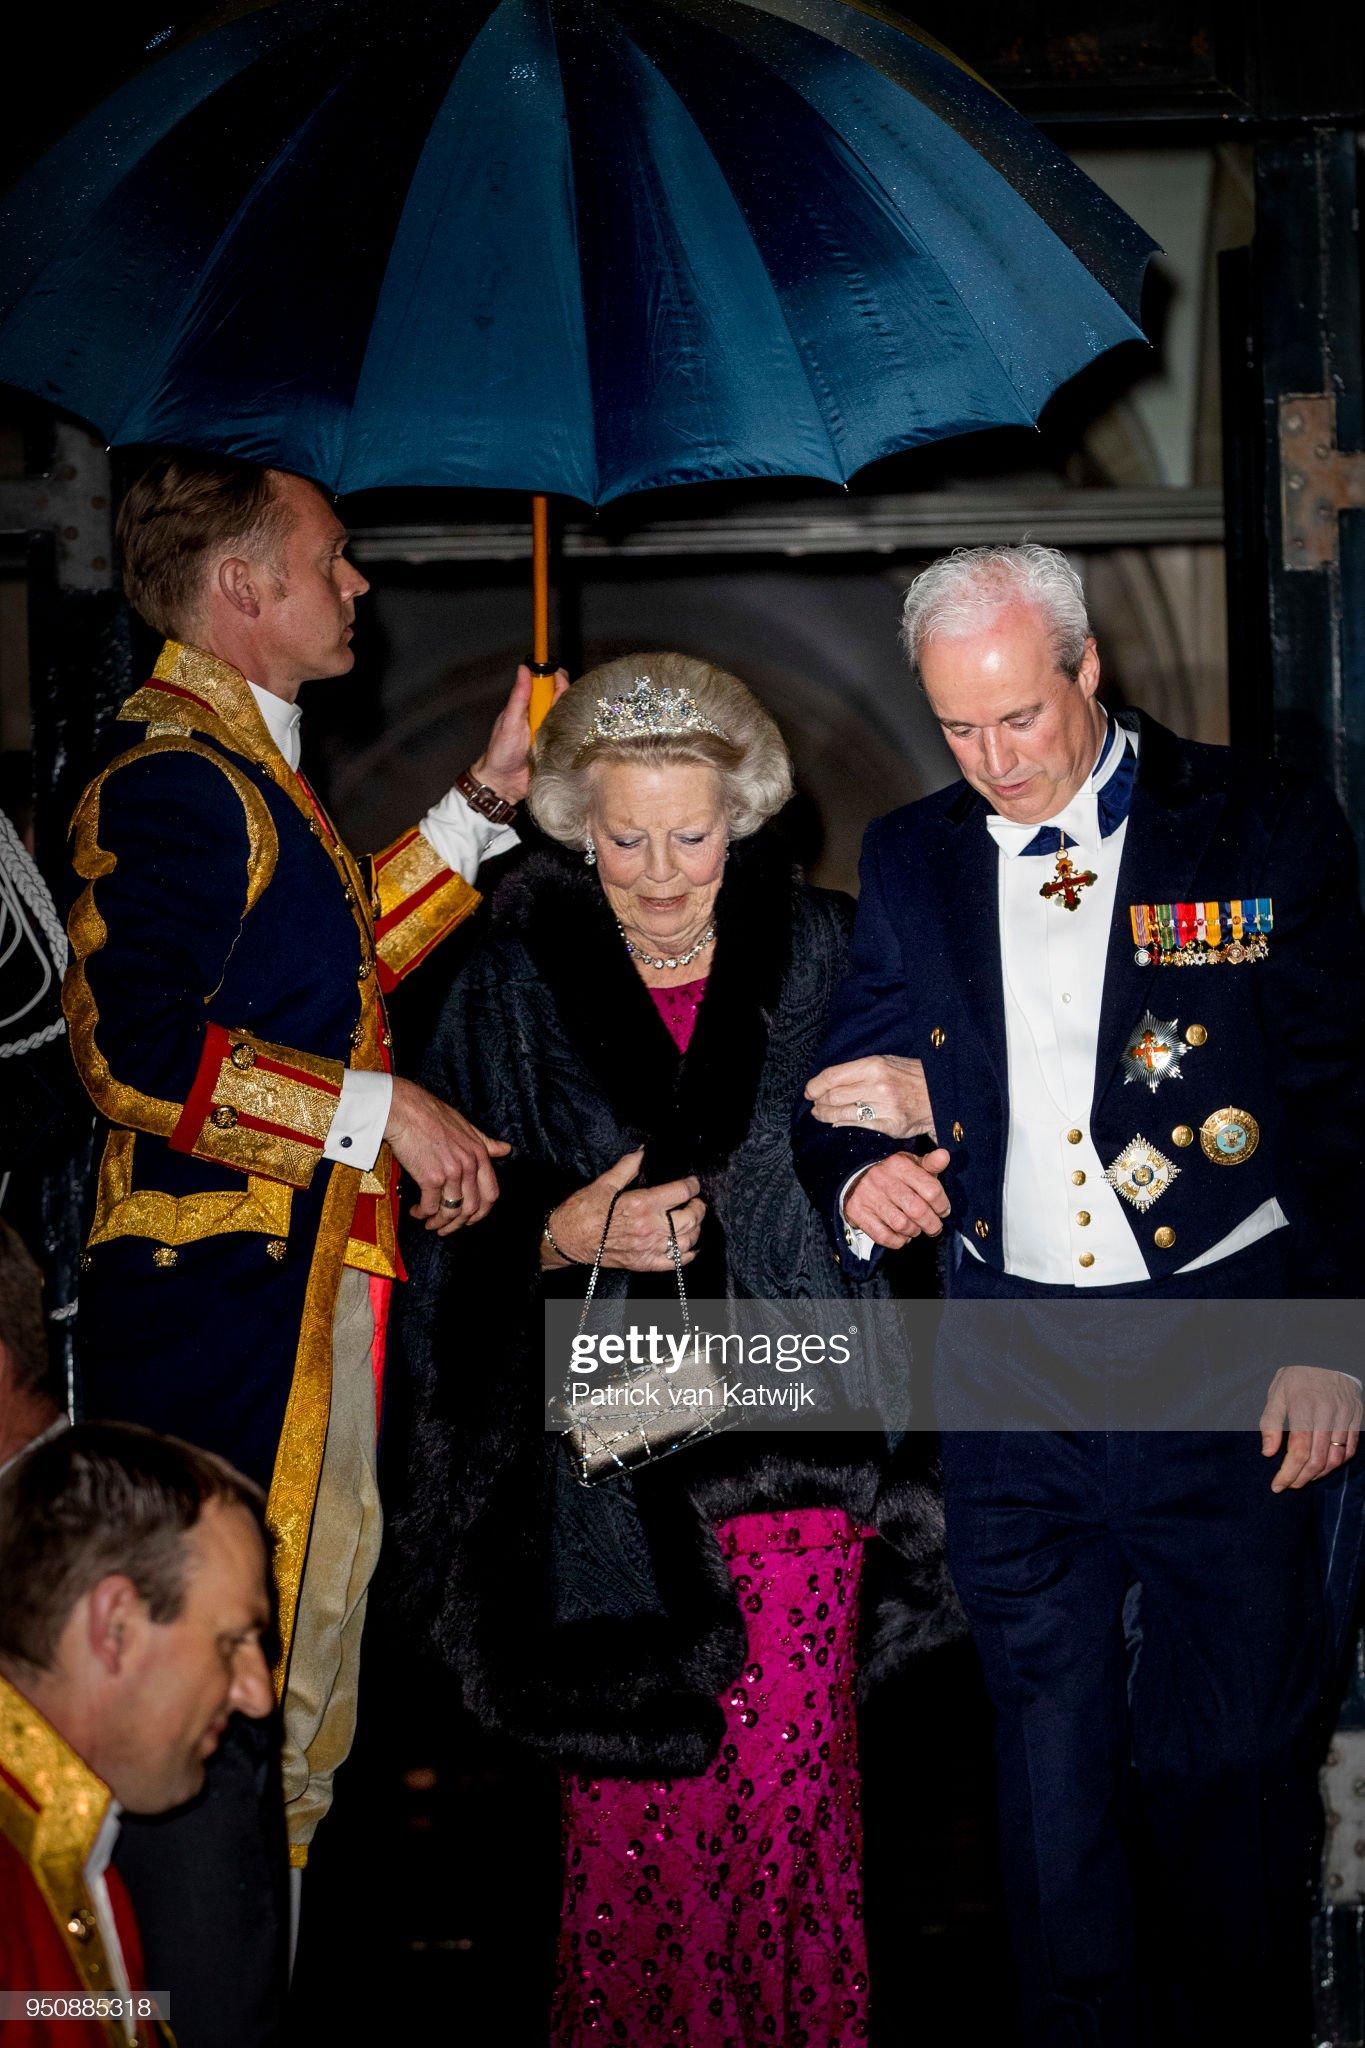 Dutch royals at gala diner Corps diplomatique at royal palace Amsterdam : News Photo